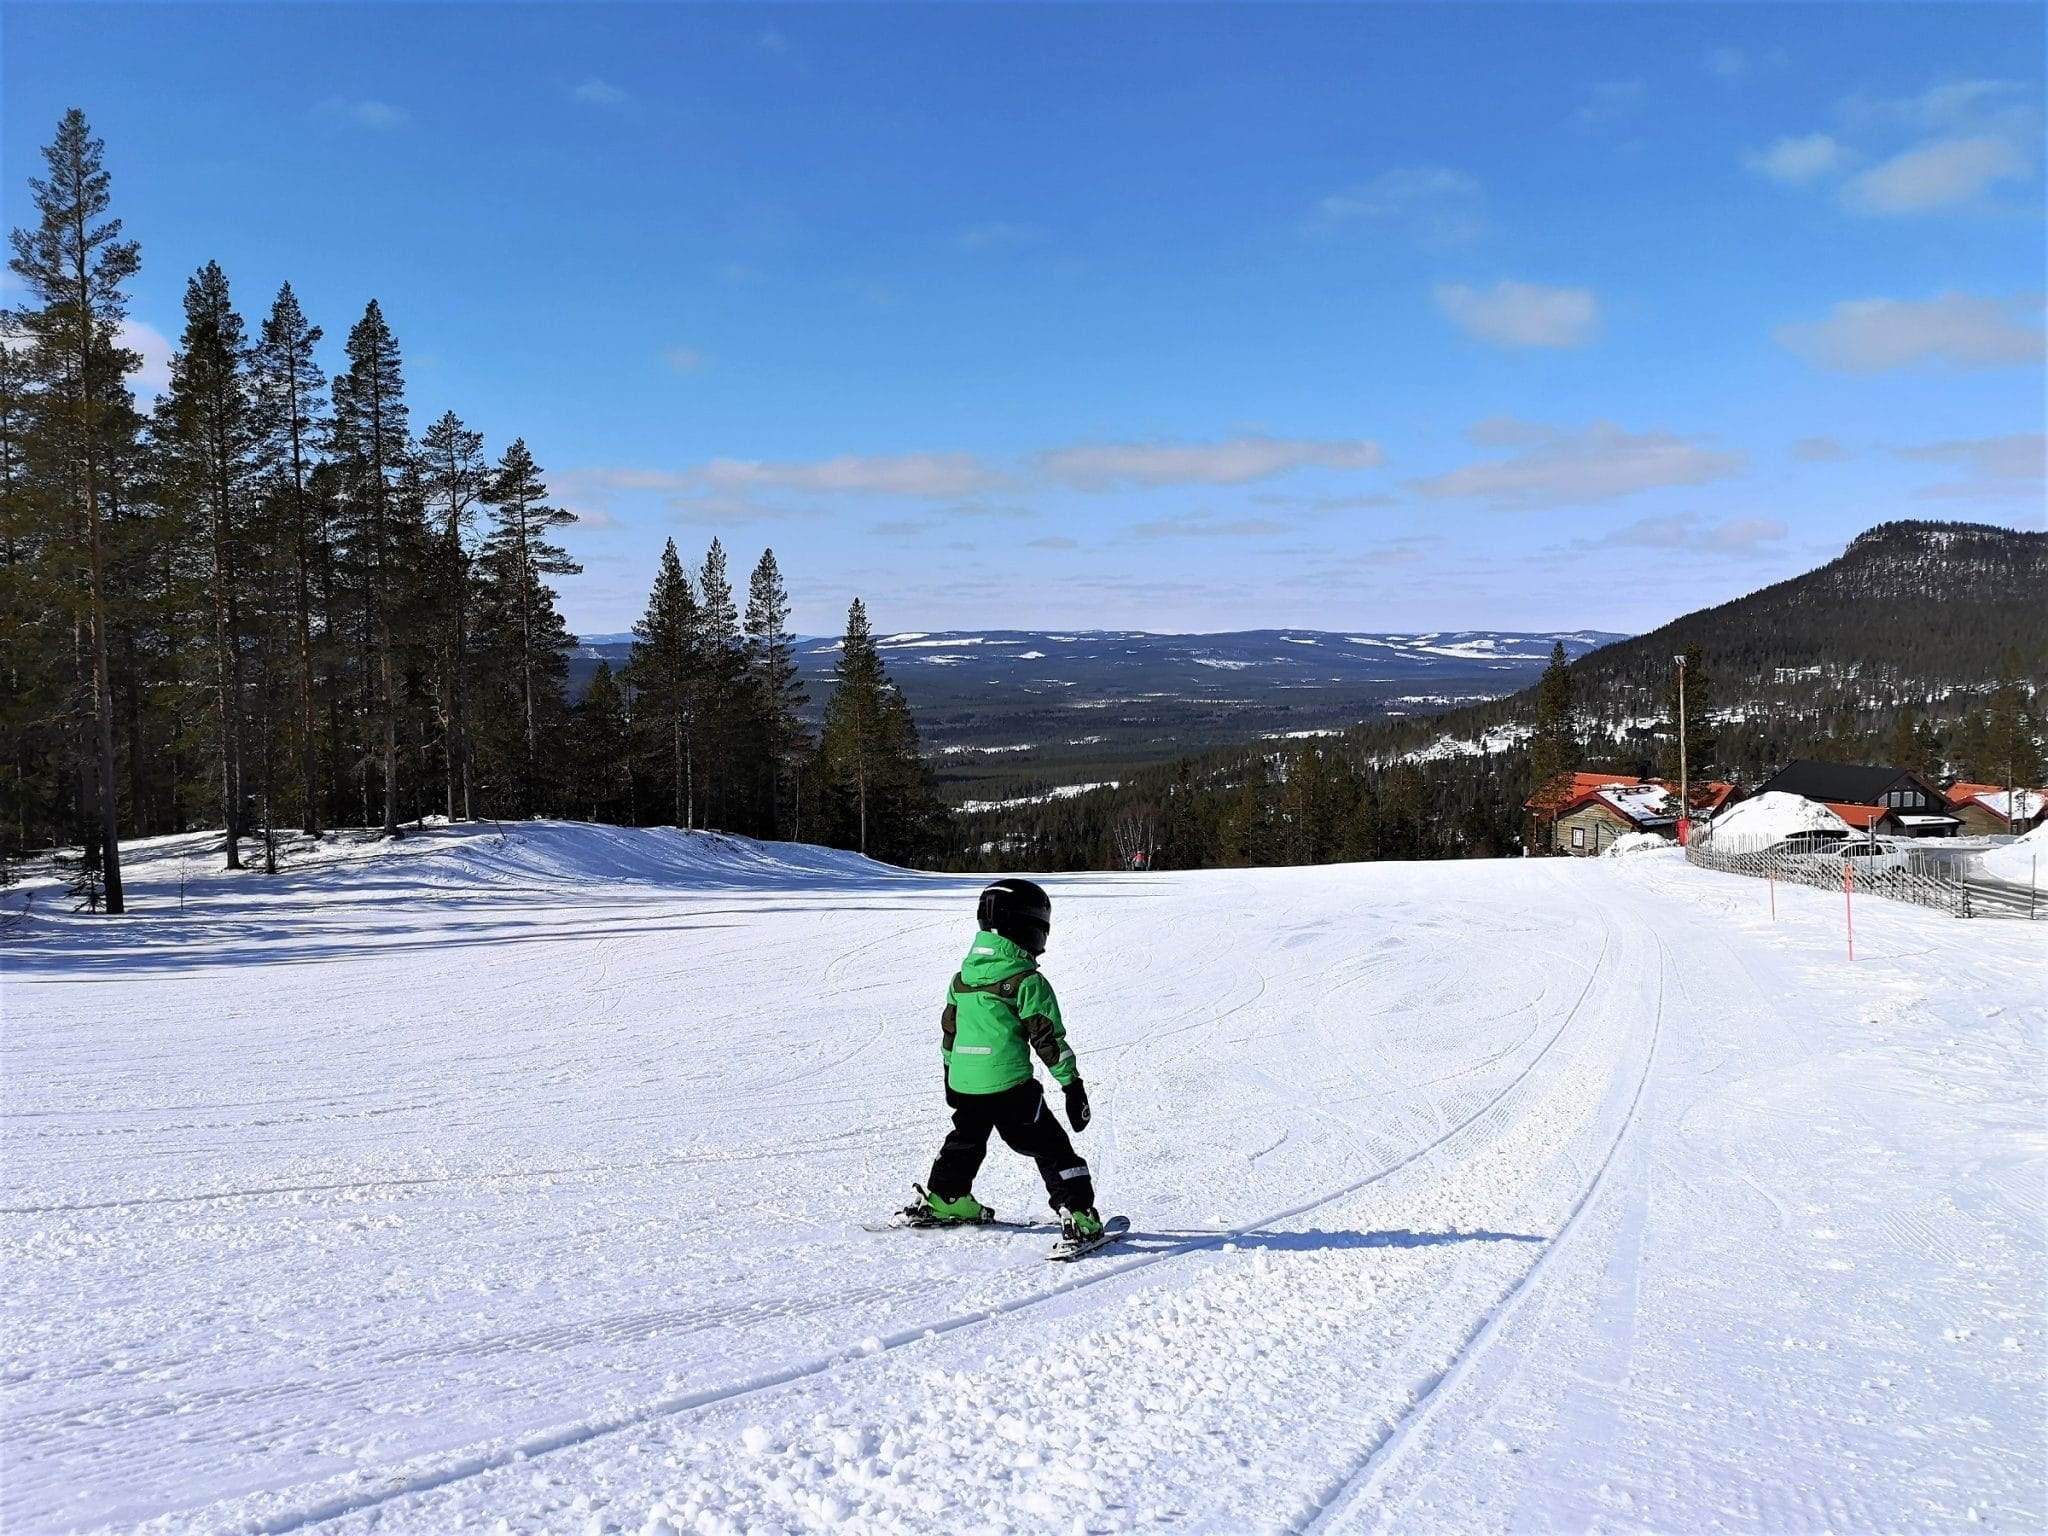 Children in ski slope in Björnrike, Vemdalen